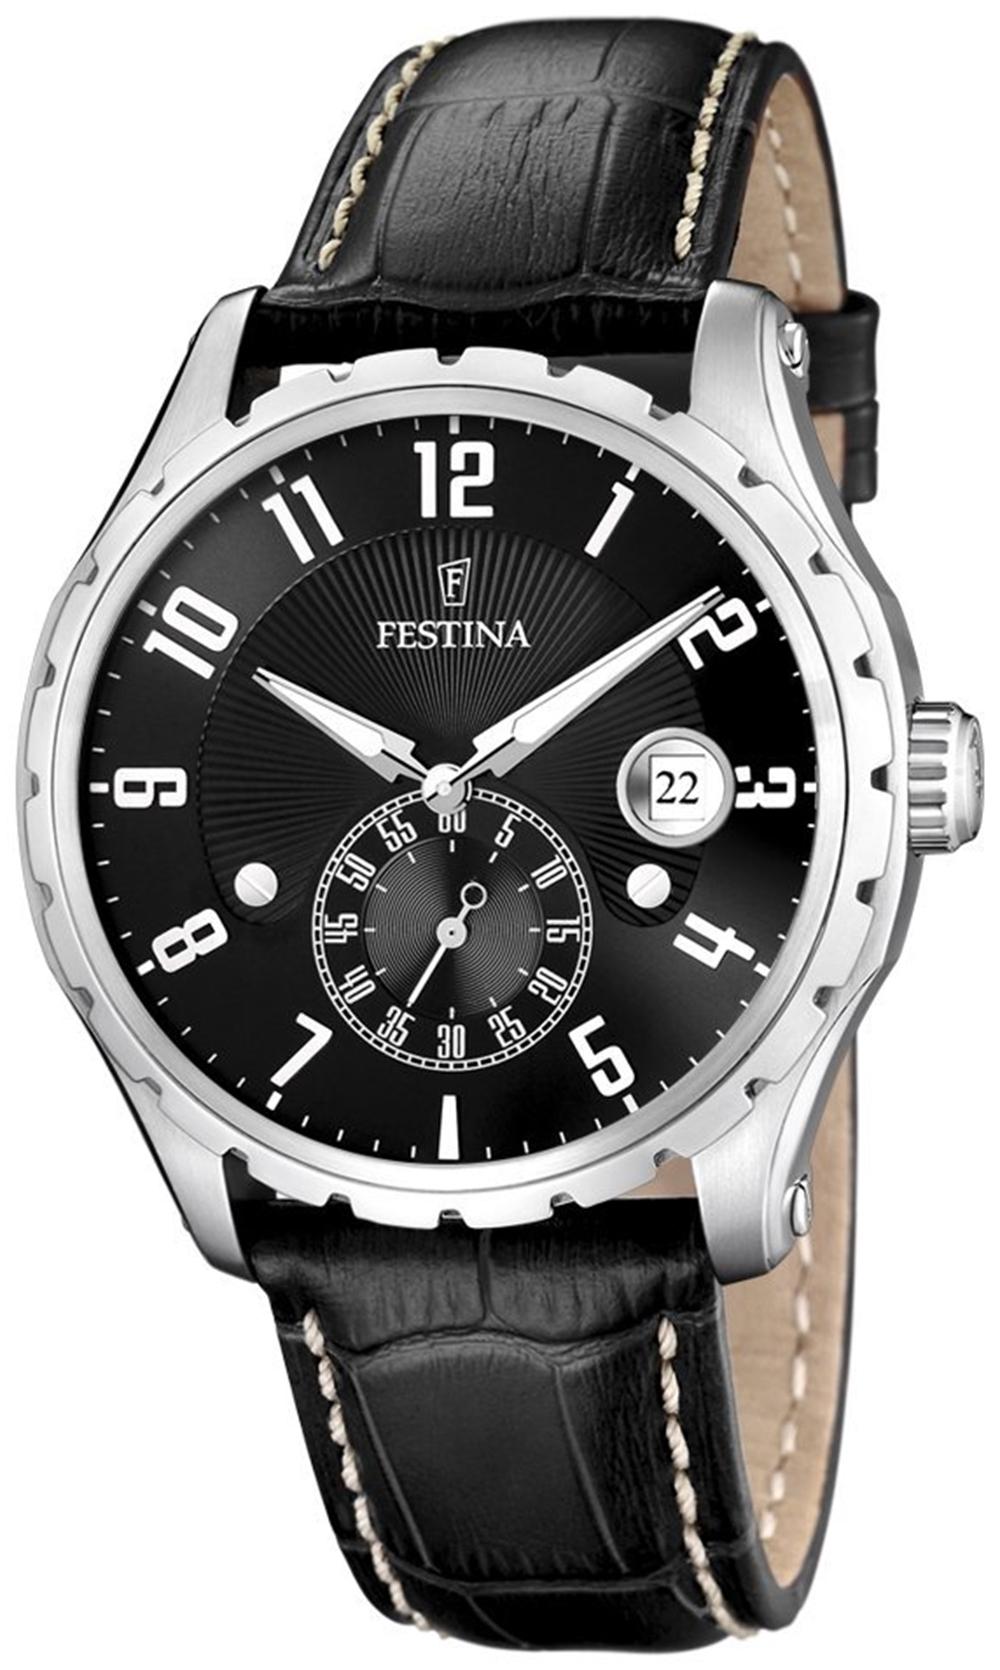 Festina F16486.4 - мужские наручные часы из коллекции ClassicFestina<br><br><br>Бренд: Festina<br>Модель: Festina F16486/4<br>Артикул: F16486.4<br>Вариант артикула: None<br>Коллекция: Classic<br>Подколлекция: None<br>Страна: Испания<br>Пол: мужские<br>Тип механизма: кварцевые<br>Механизм: None<br>Количество камней: None<br>Автоподзавод: None<br>Источник энергии: от батарейки<br>Срок службы элемента питания: None<br>Дисплей: стрелки<br>Цифры: арабские<br>Водозащита: WR 50<br>Противоударные: None<br>Материал корпуса: нерж. сталь<br>Материал браслета: кожа<br>Материал безеля: None<br>Стекло: минеральное<br>Антибликовое покрытие: None<br>Цвет корпуса: None<br>Цвет браслета: None<br>Цвет циферблата: None<br>Цвет безеля: None<br>Размеры: 44,5 мм<br>Диаметр: None<br>Диаметр корпуса: None<br>Толщина: None<br>Ширина ремешка: None<br>Вес: None<br>Спорт-функции: None<br>Подсветка: стрелок<br>Вставка: None<br>Отображение даты: число<br>Хронограф: None<br>Таймер: None<br>Термометр: None<br>Хронометр: None<br>GPS: None<br>Радиосинхронизация: None<br>Барометр: None<br>Скелетон: None<br>Дополнительная информация: None<br>Дополнительные функции: None